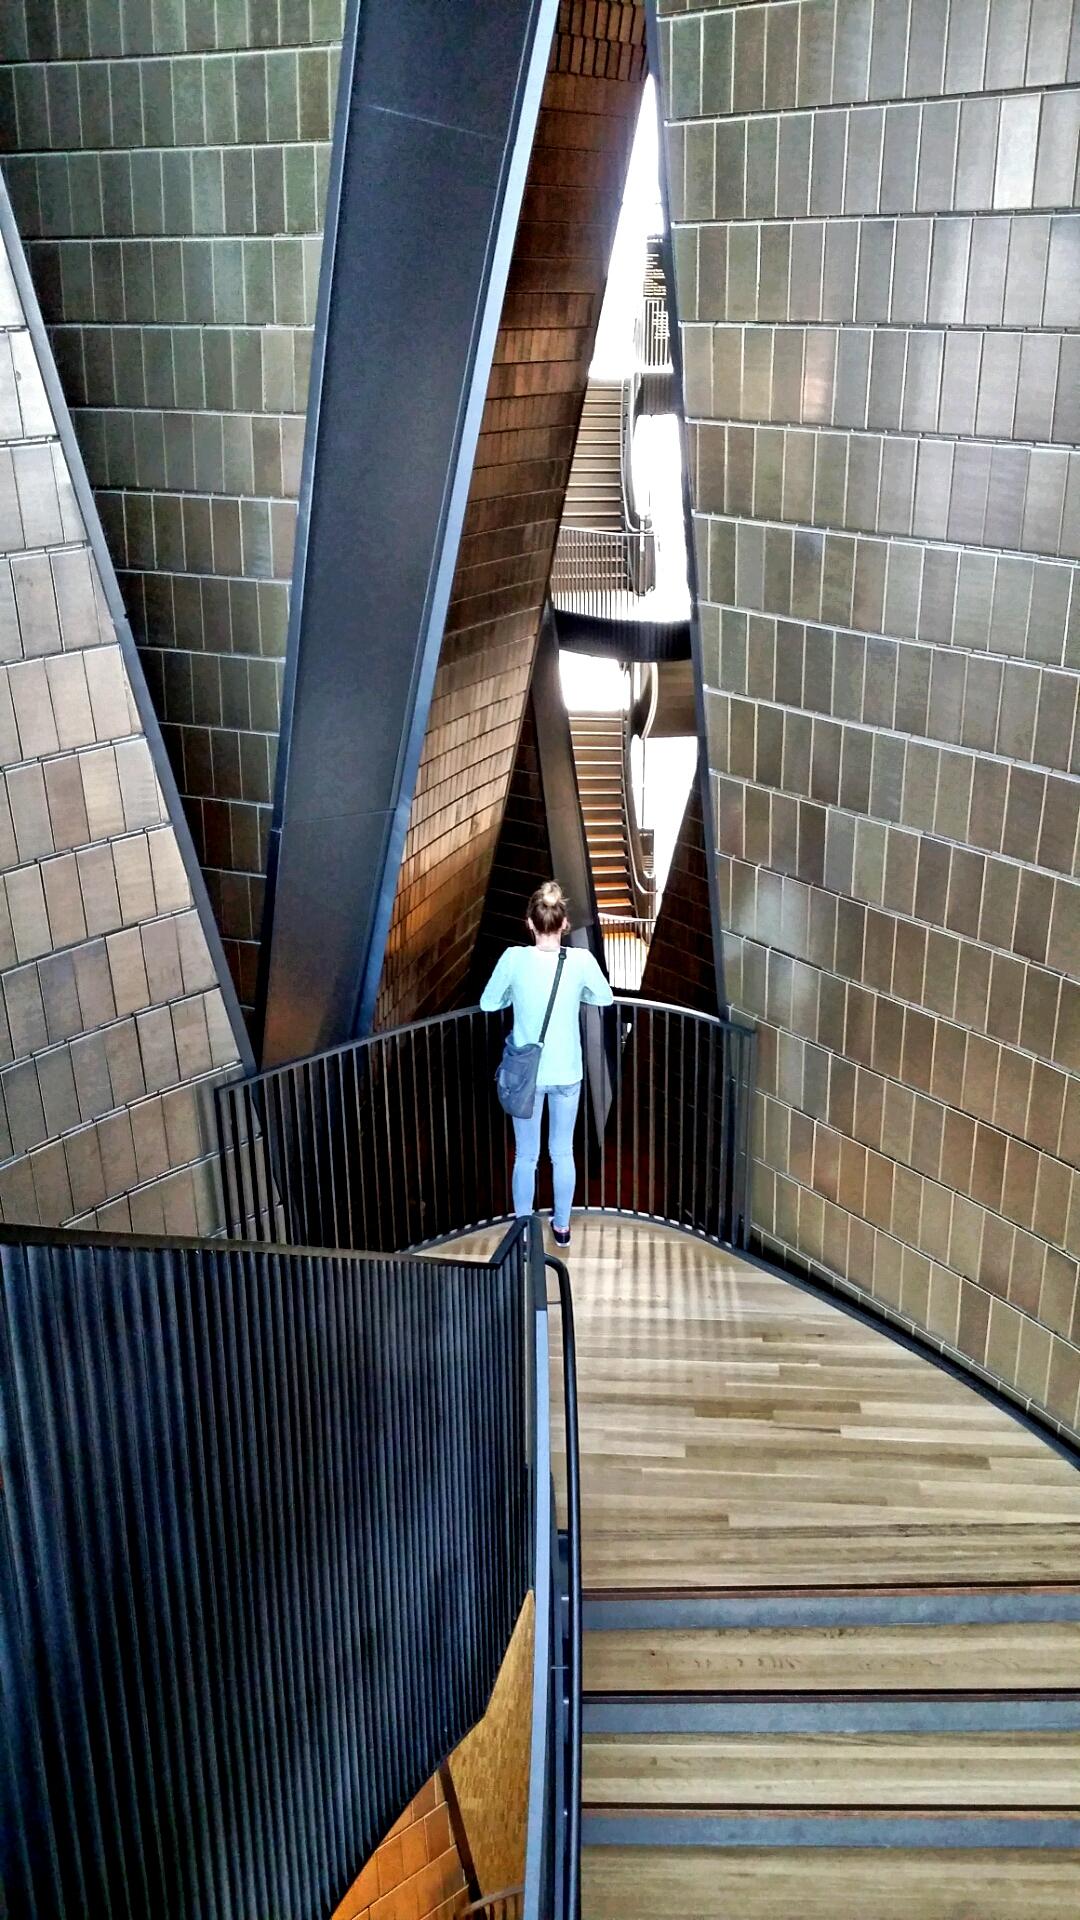 The impressive interior architecture, National Music Centre, Calgary